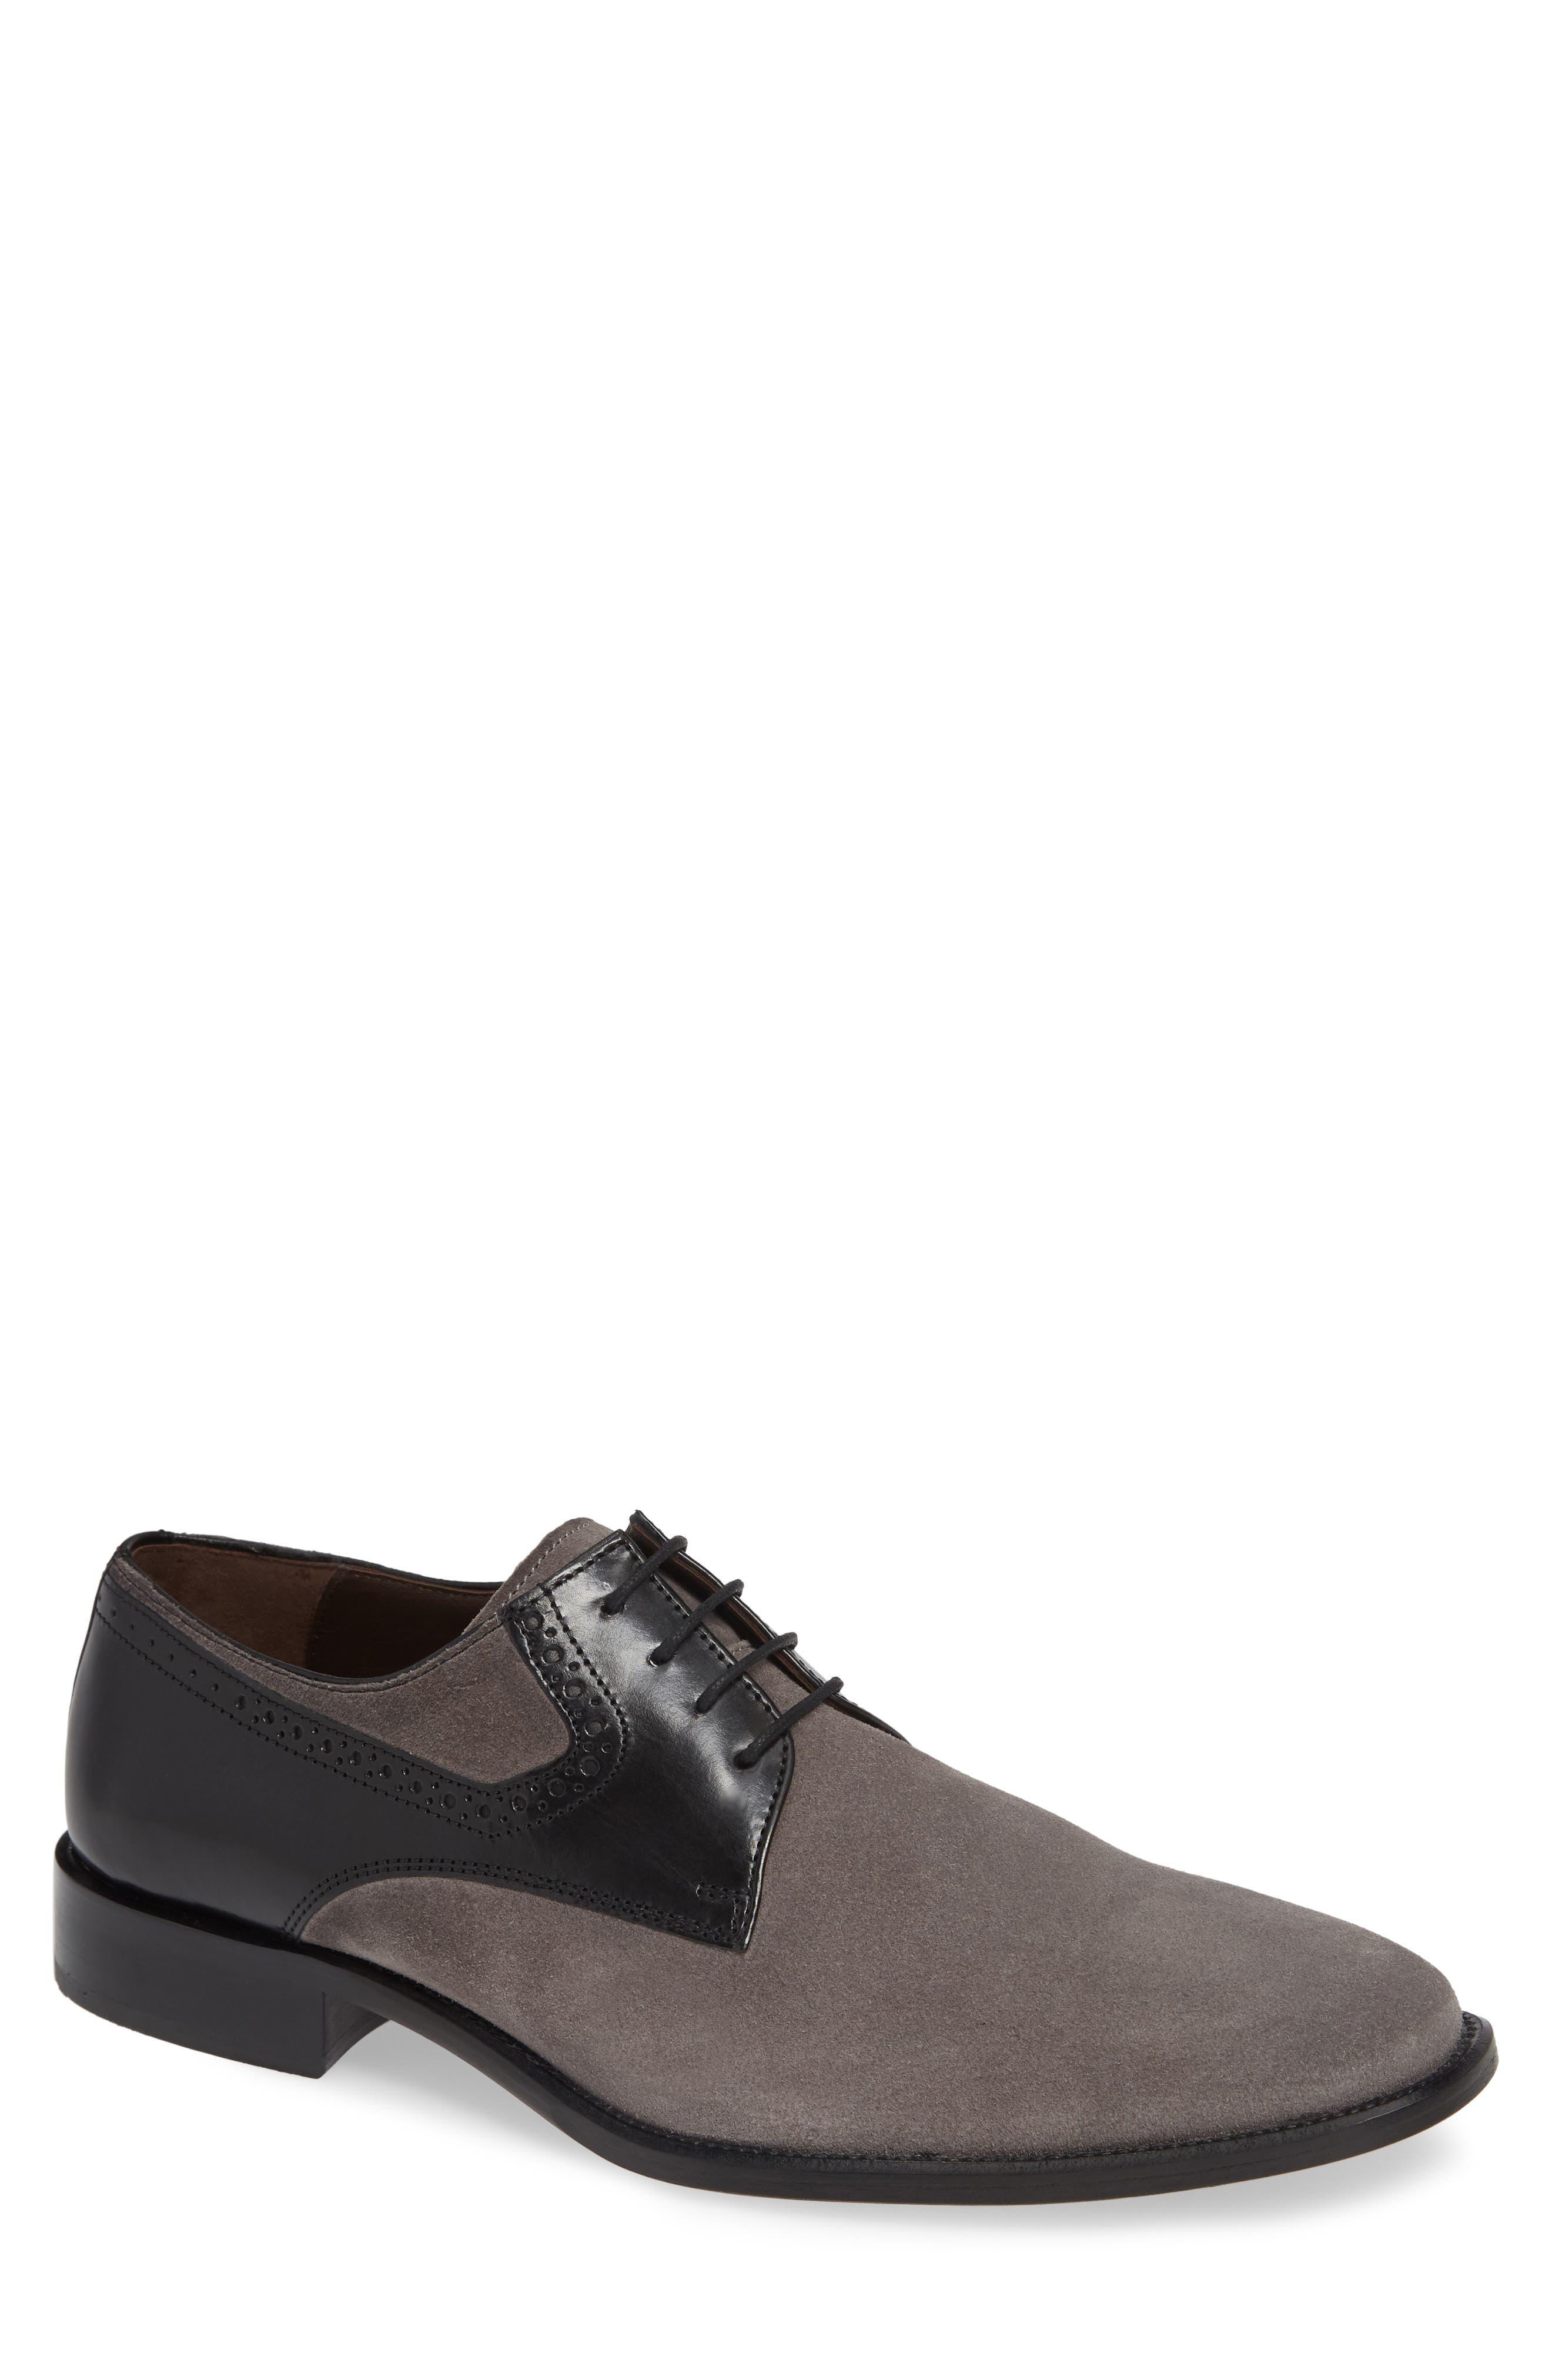 Maxwell Plain Toe Derby,                         Main,                         color, GREY SUEDE